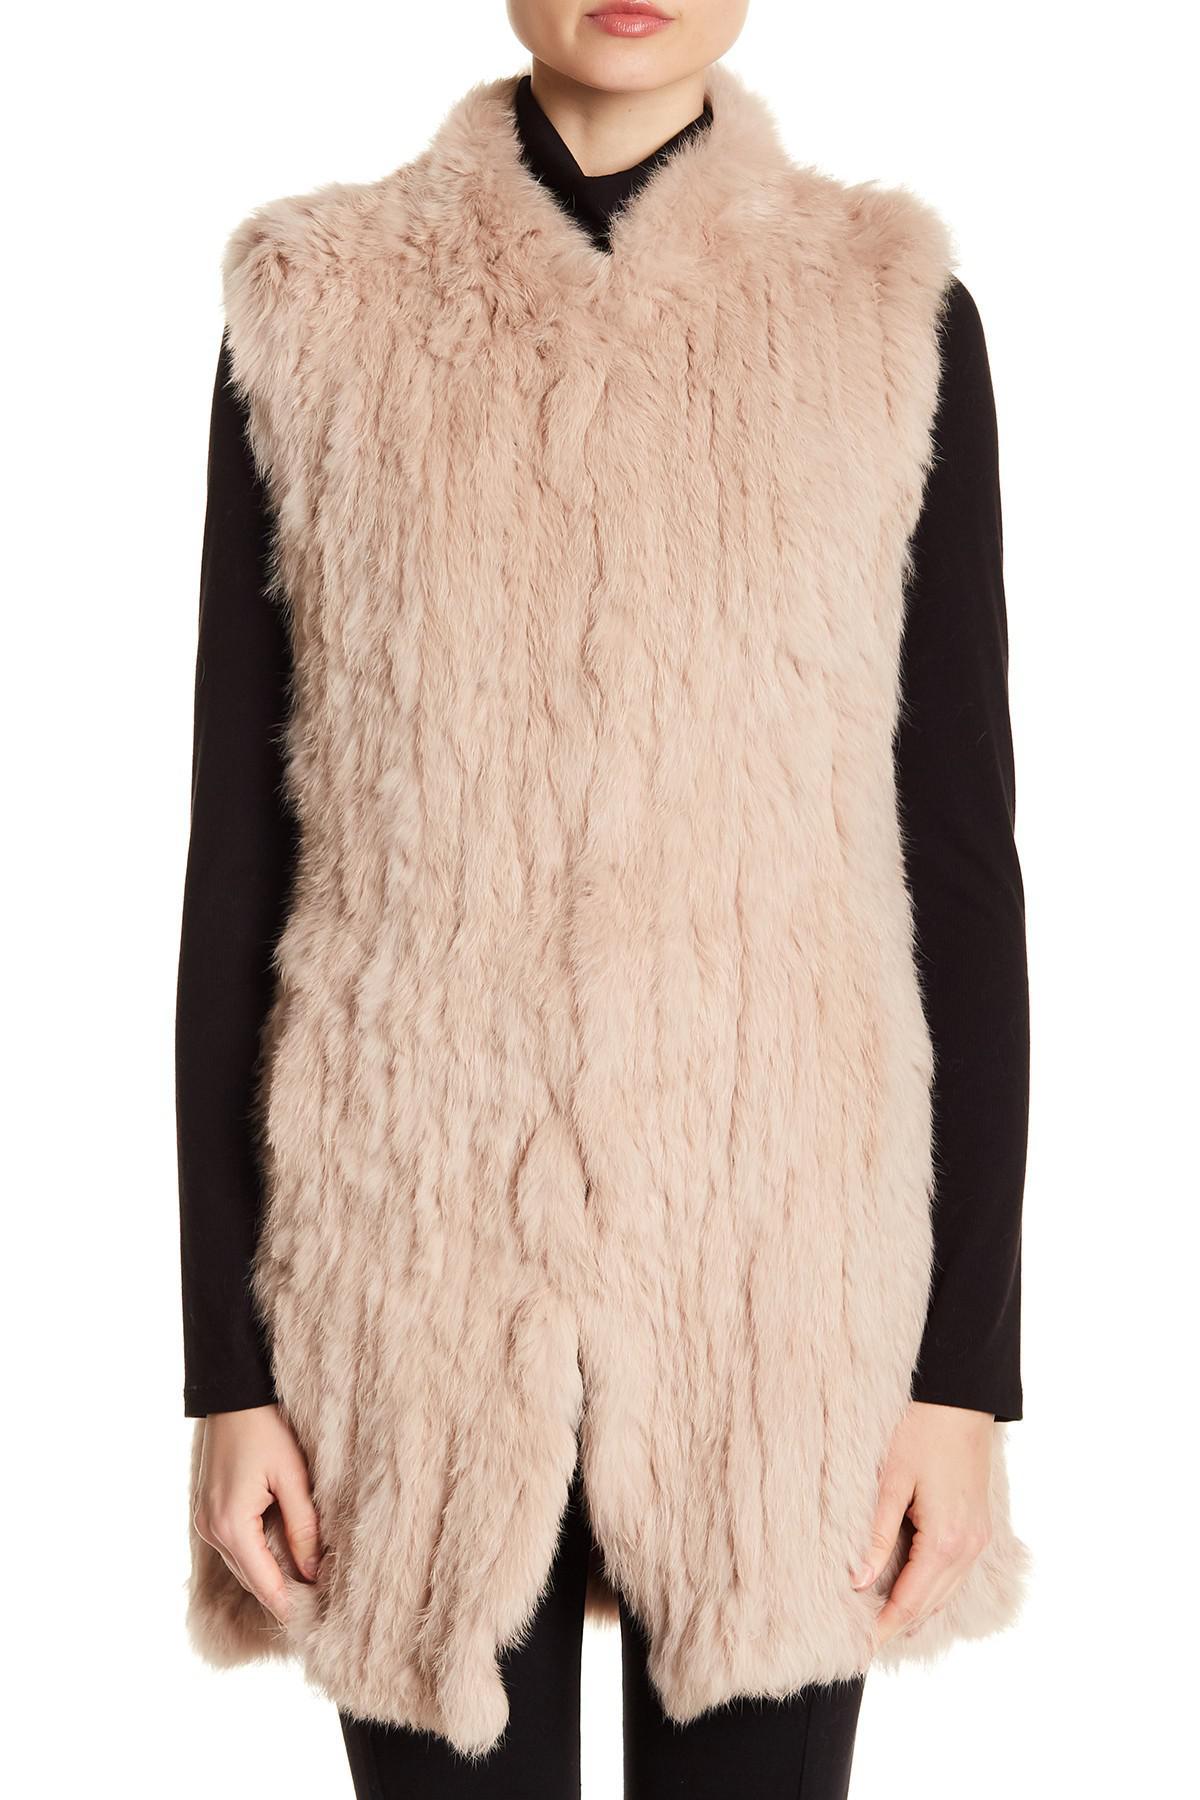 5341c4a2c Love Token Long Genuine Dyed Rabbit Fur Vest - Lyst